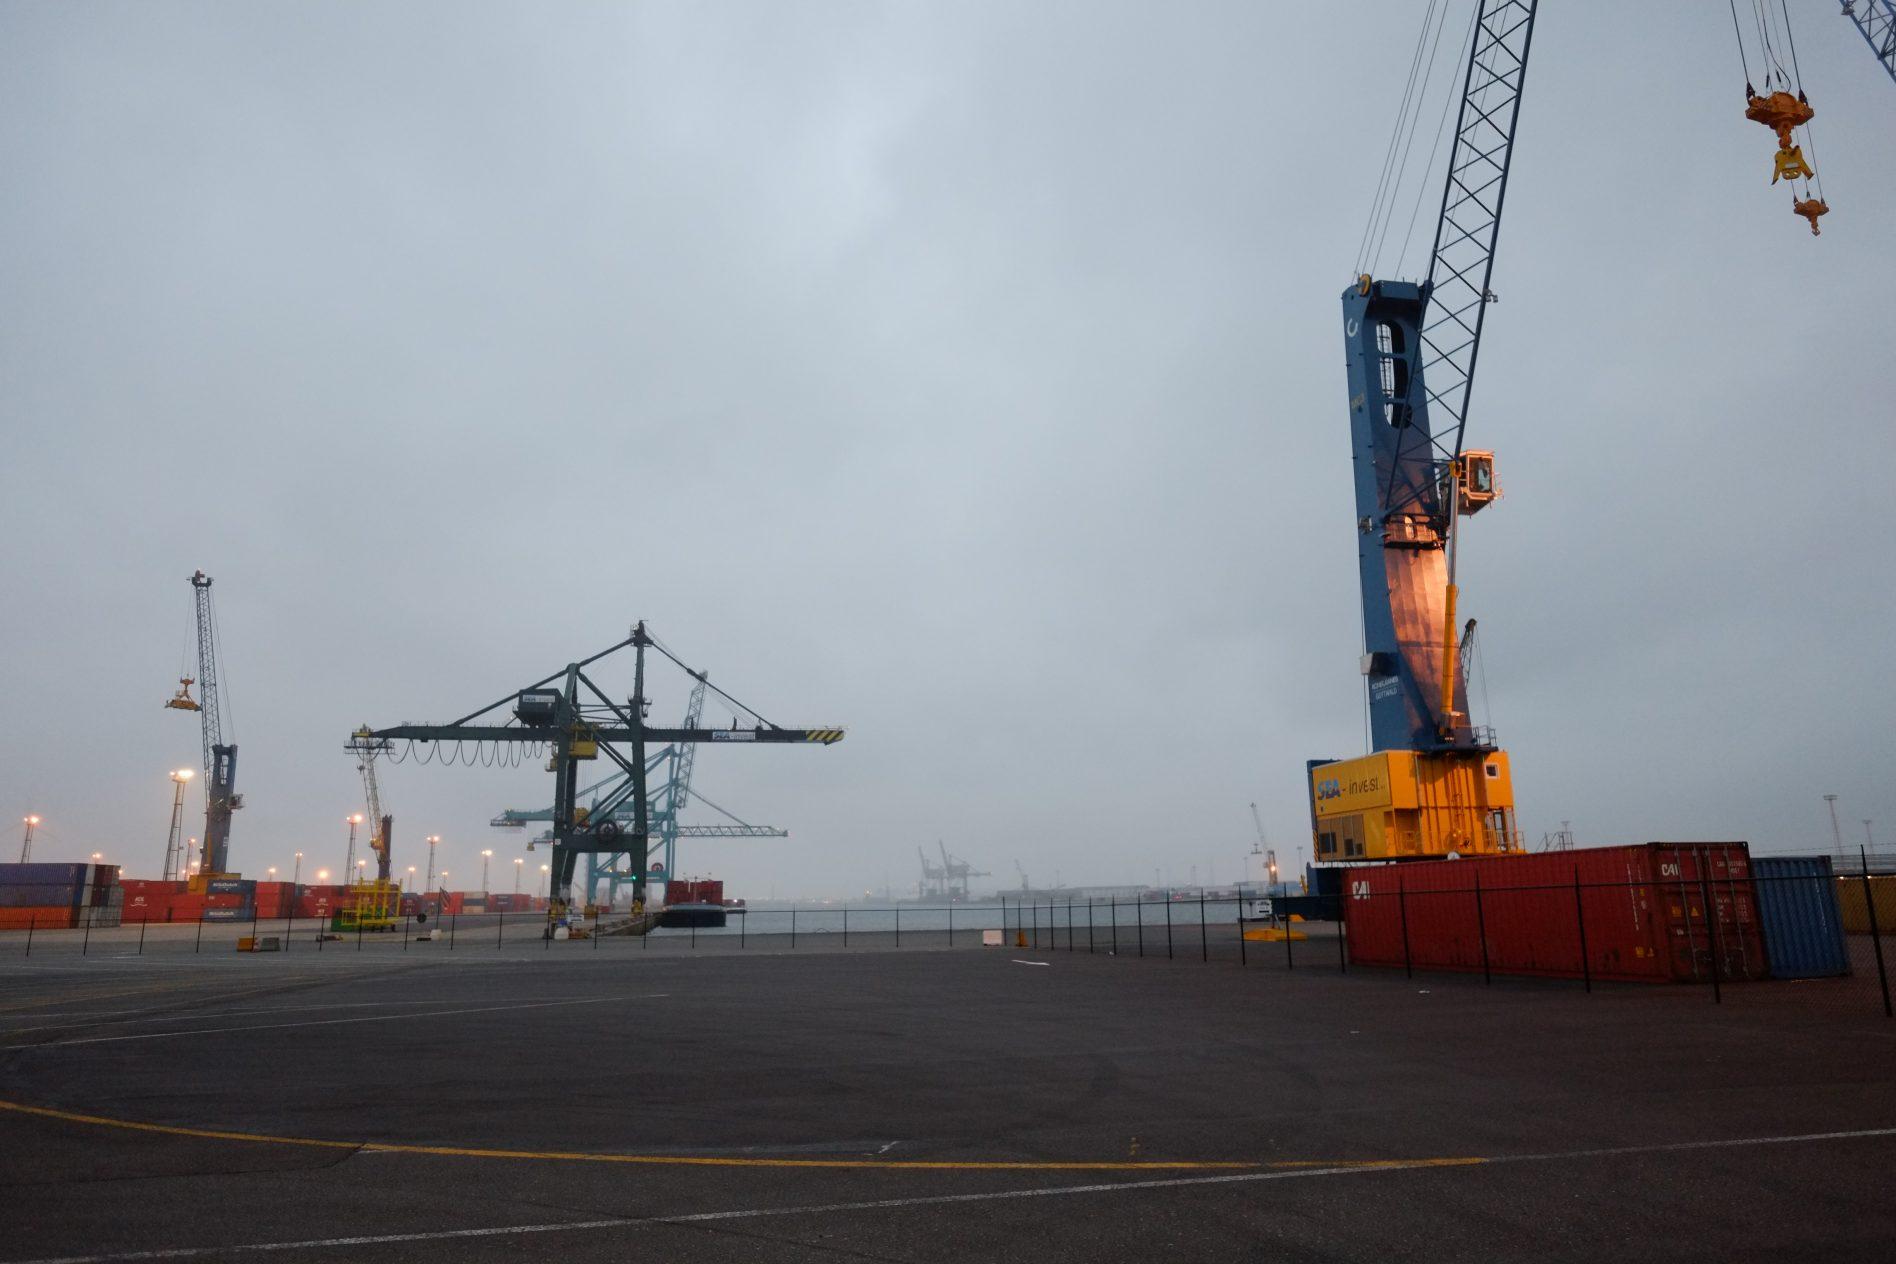 Les plus grands ports d 39 europe escale de nuit - Les plus grand port du monde ...